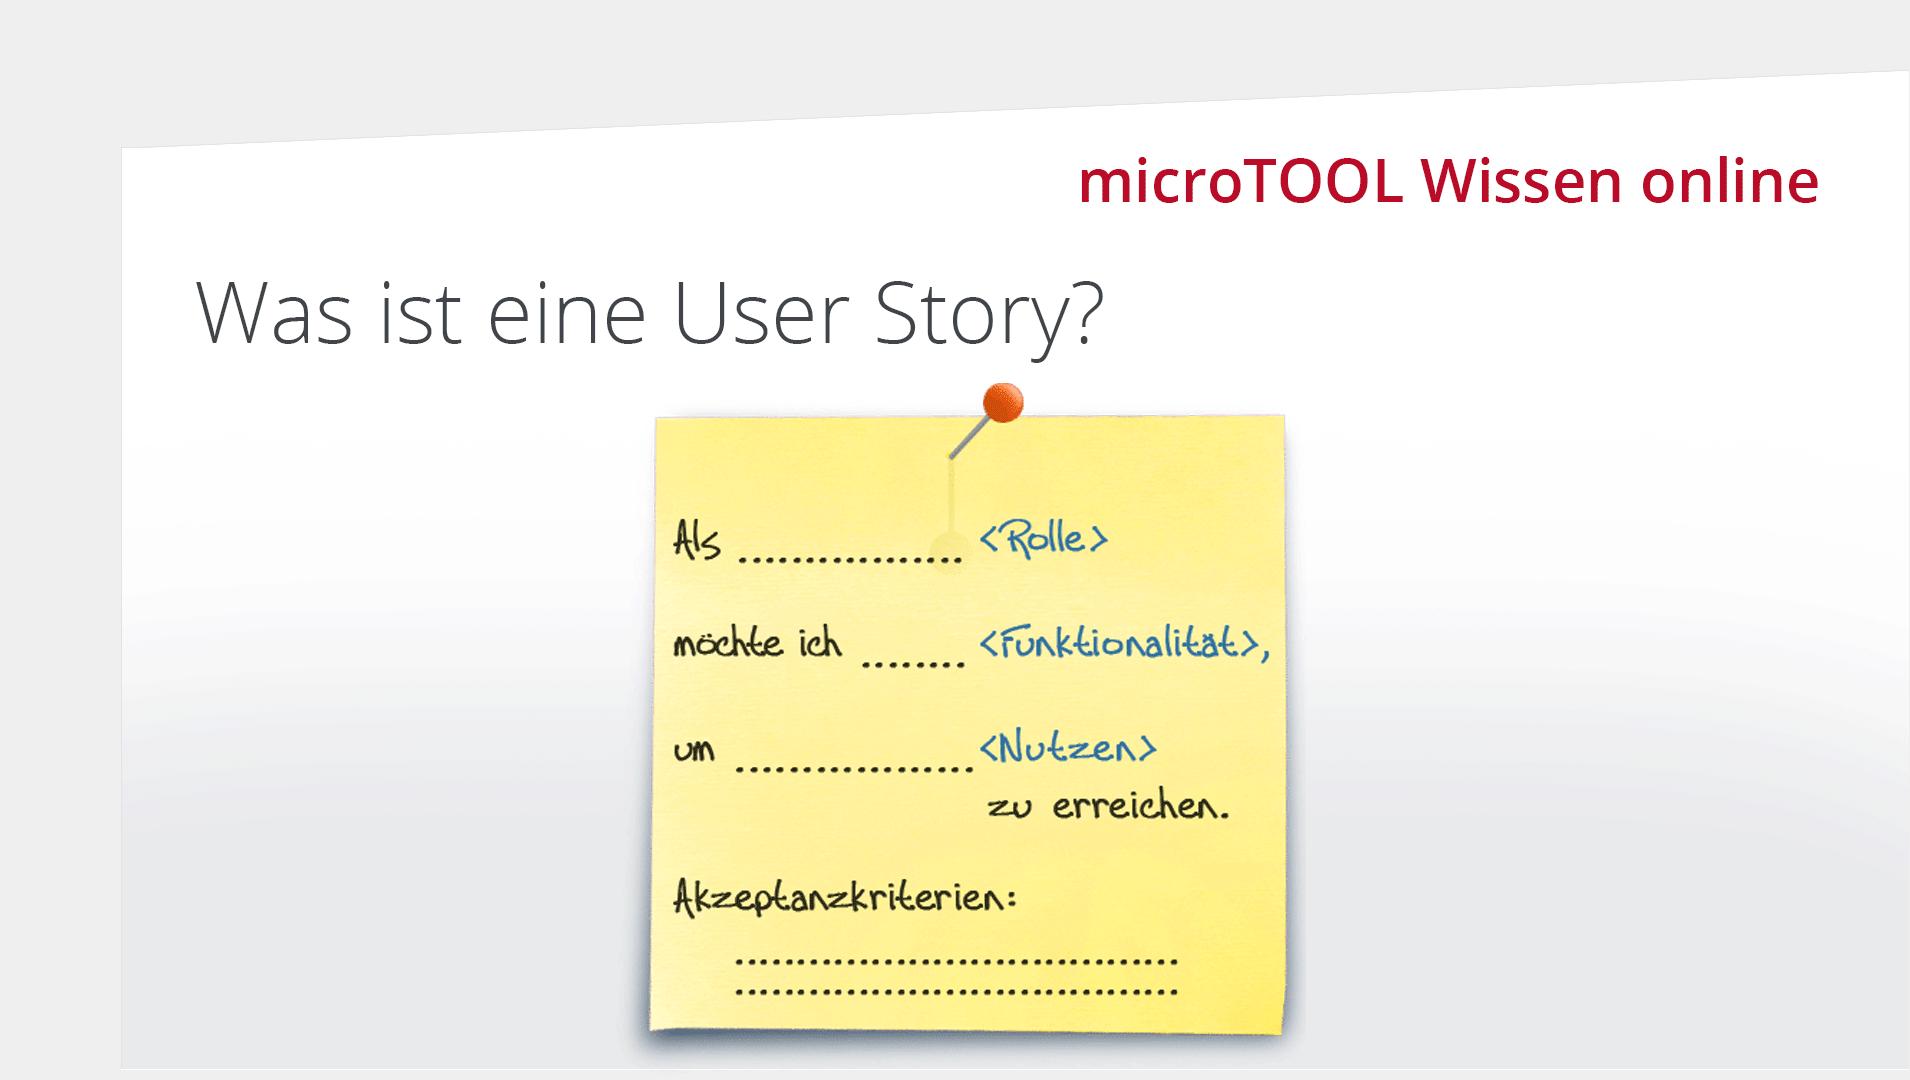 Was ist eine User Story?